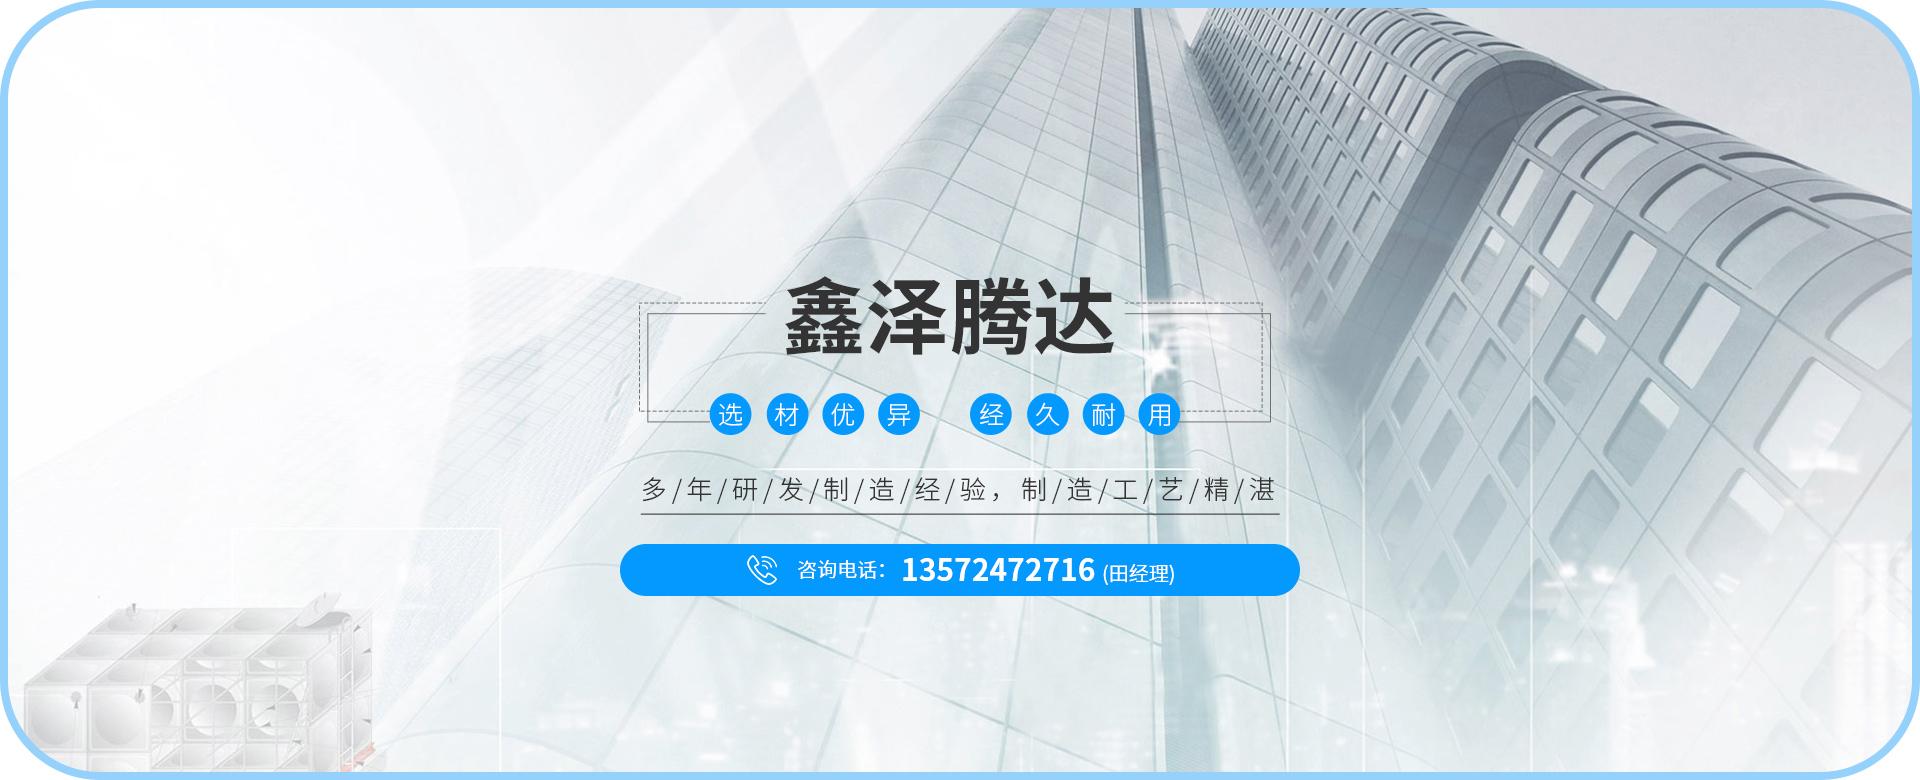 宁夏千赢游戏官方下载千赢app客户端下载